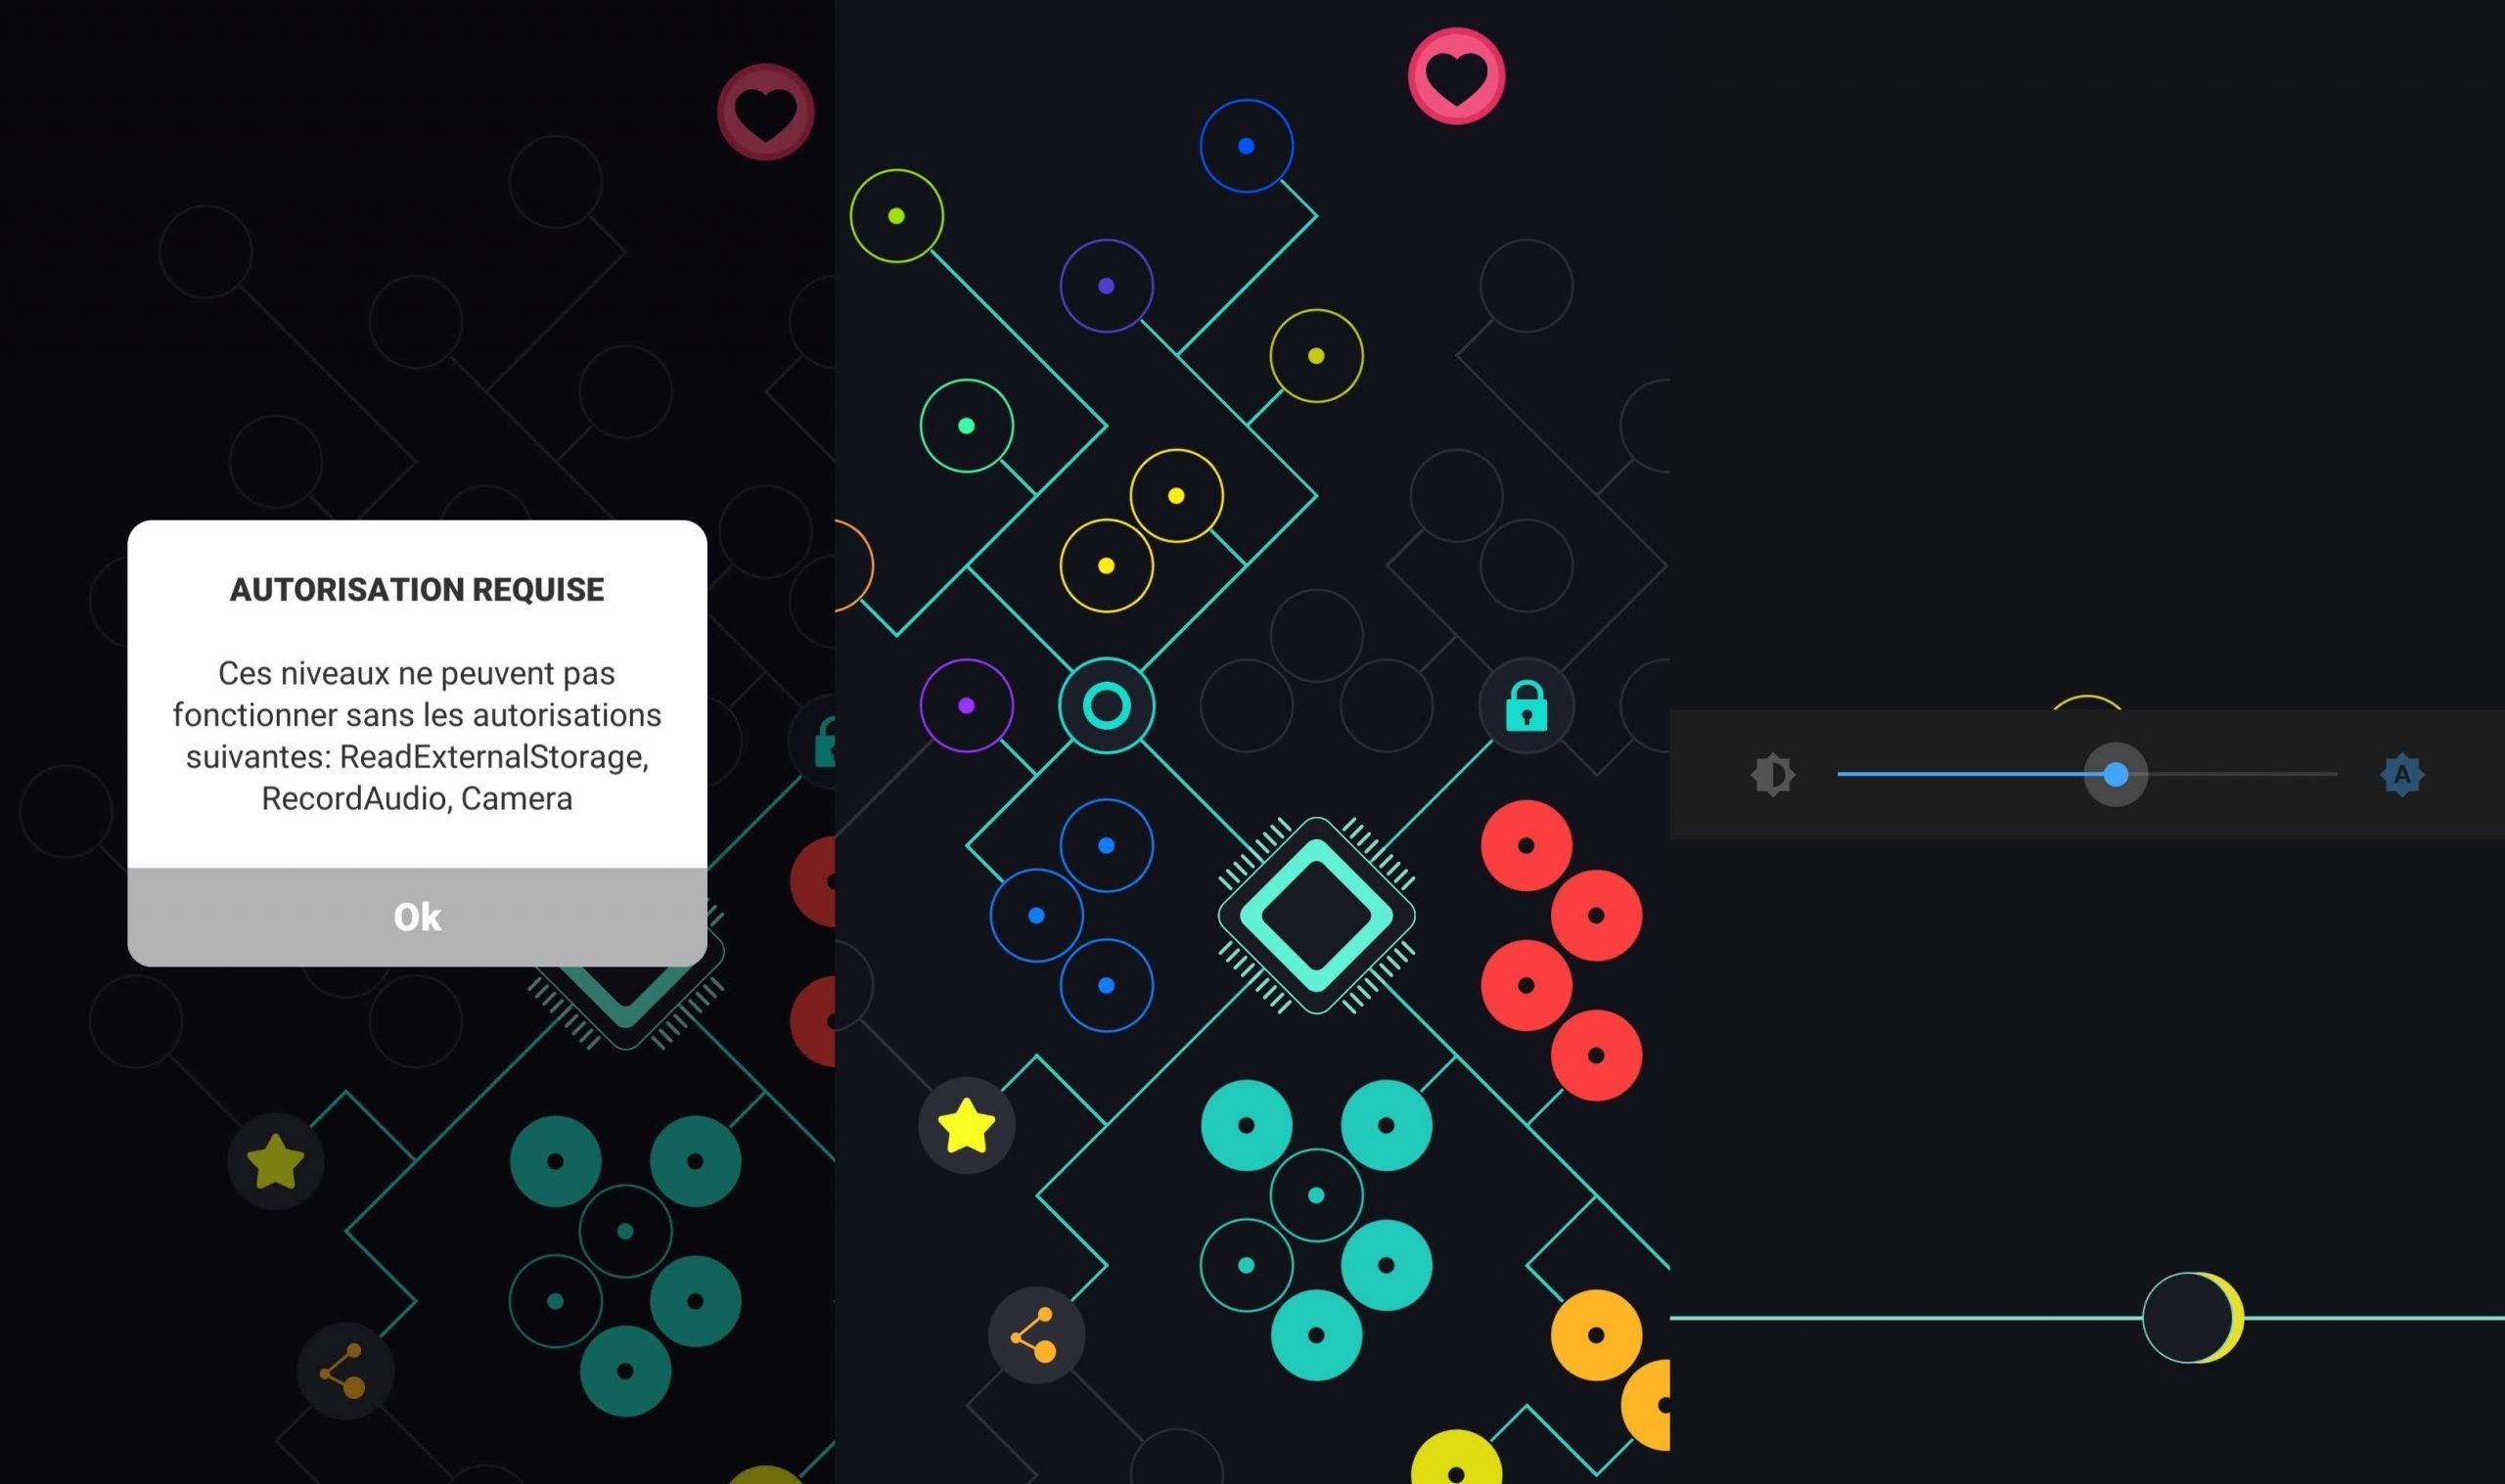 Les Meilleurs Jeux De Réflexion Gratuits Sur Android, Iphone concernant Jeux De Lettres Gratuits